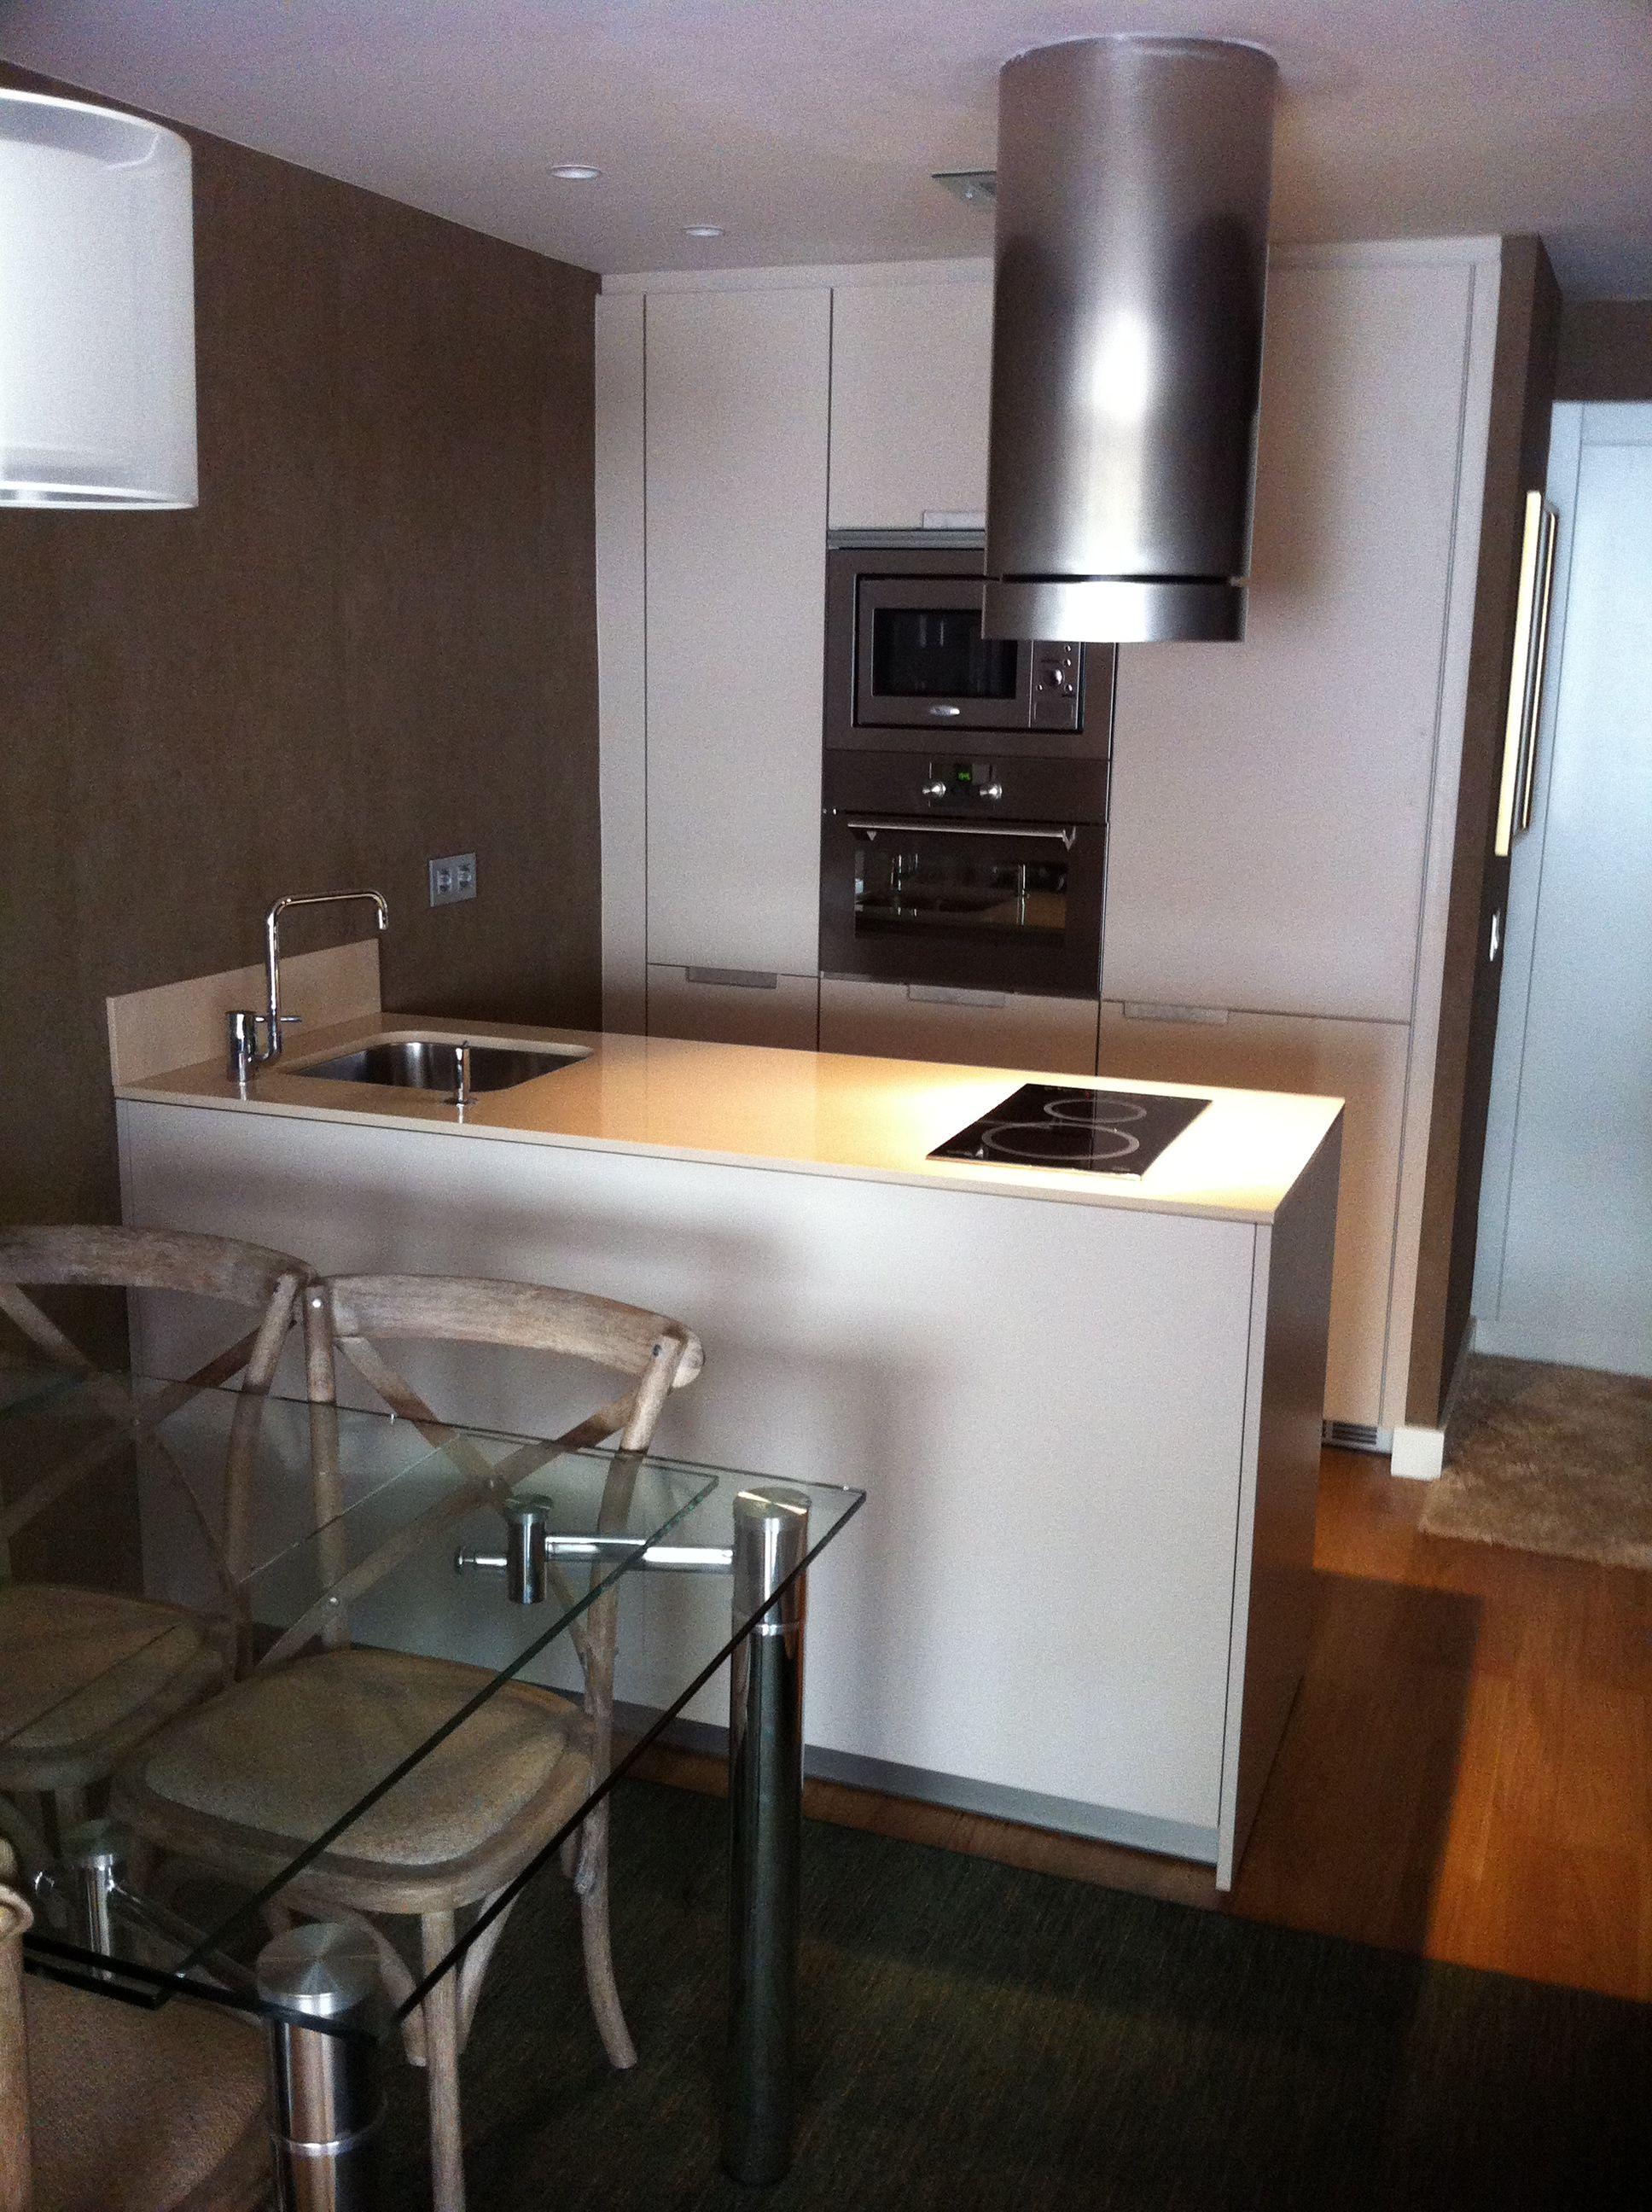 Cocina Santos. Modelo Minos Cocina pequeña en un apartamento ...